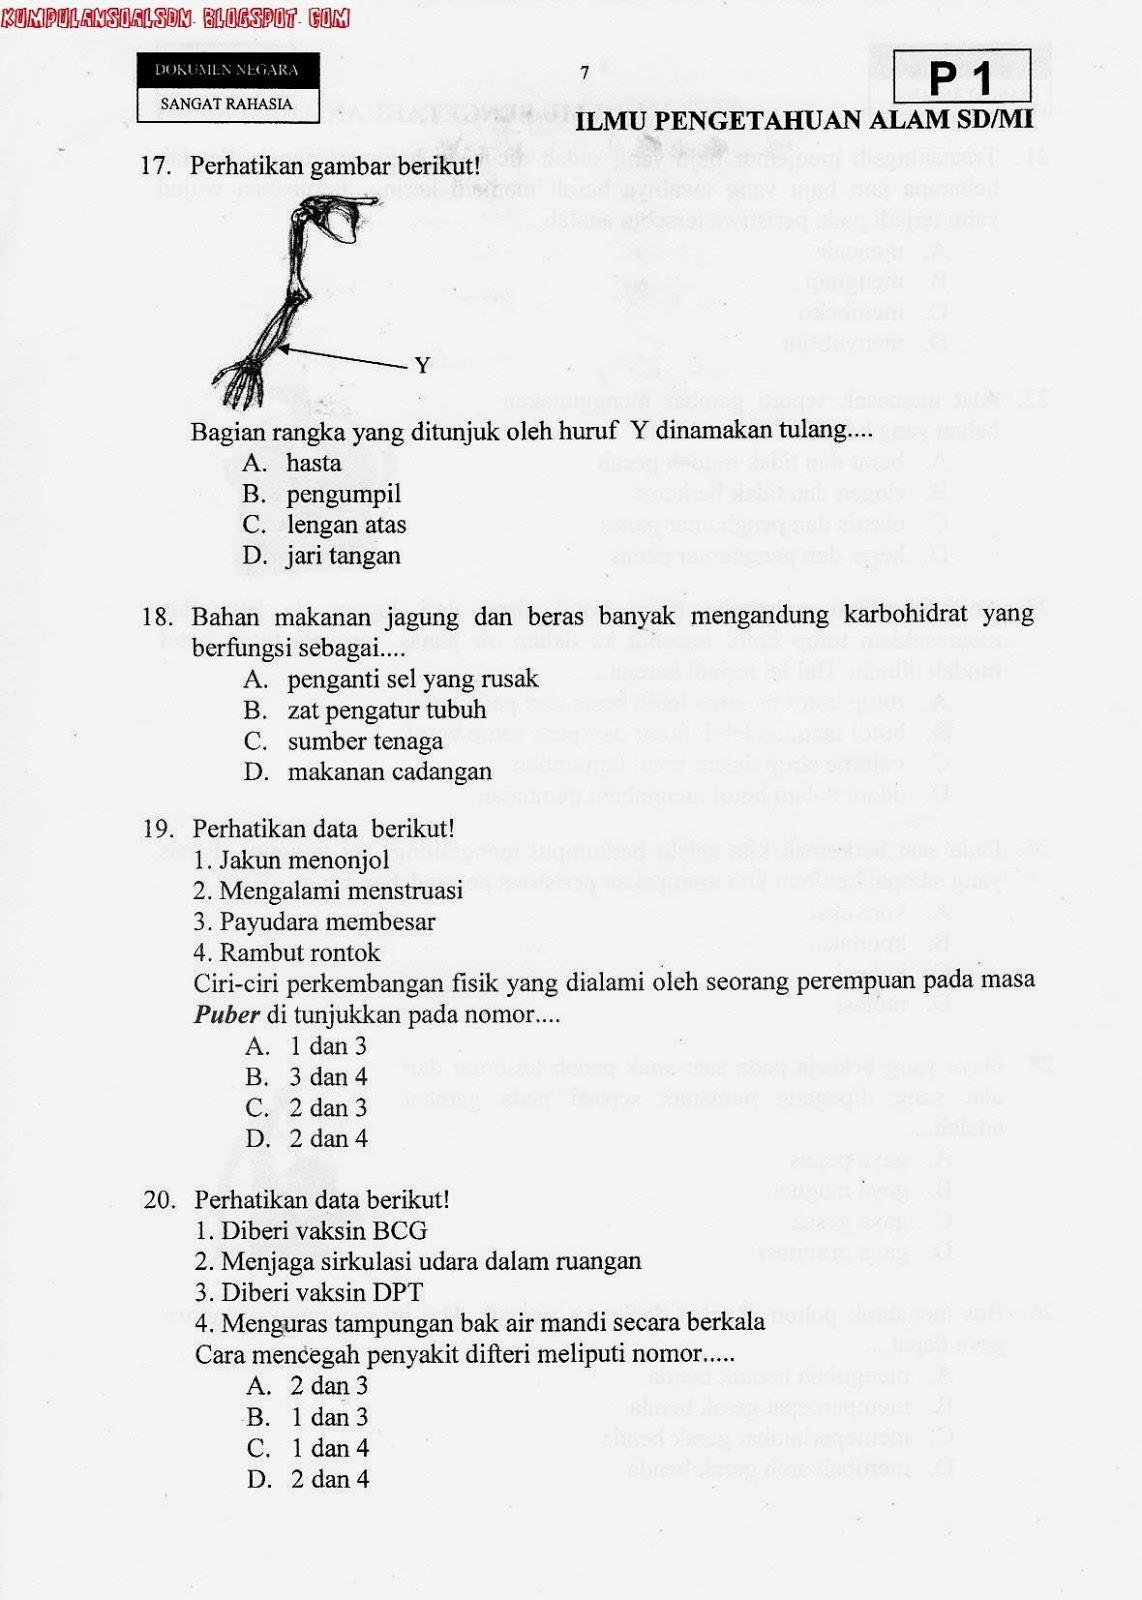 Soal Un Utama Ipa Kelas 6 Sd Ta 2012 2013 Kumpulan Soal Sd